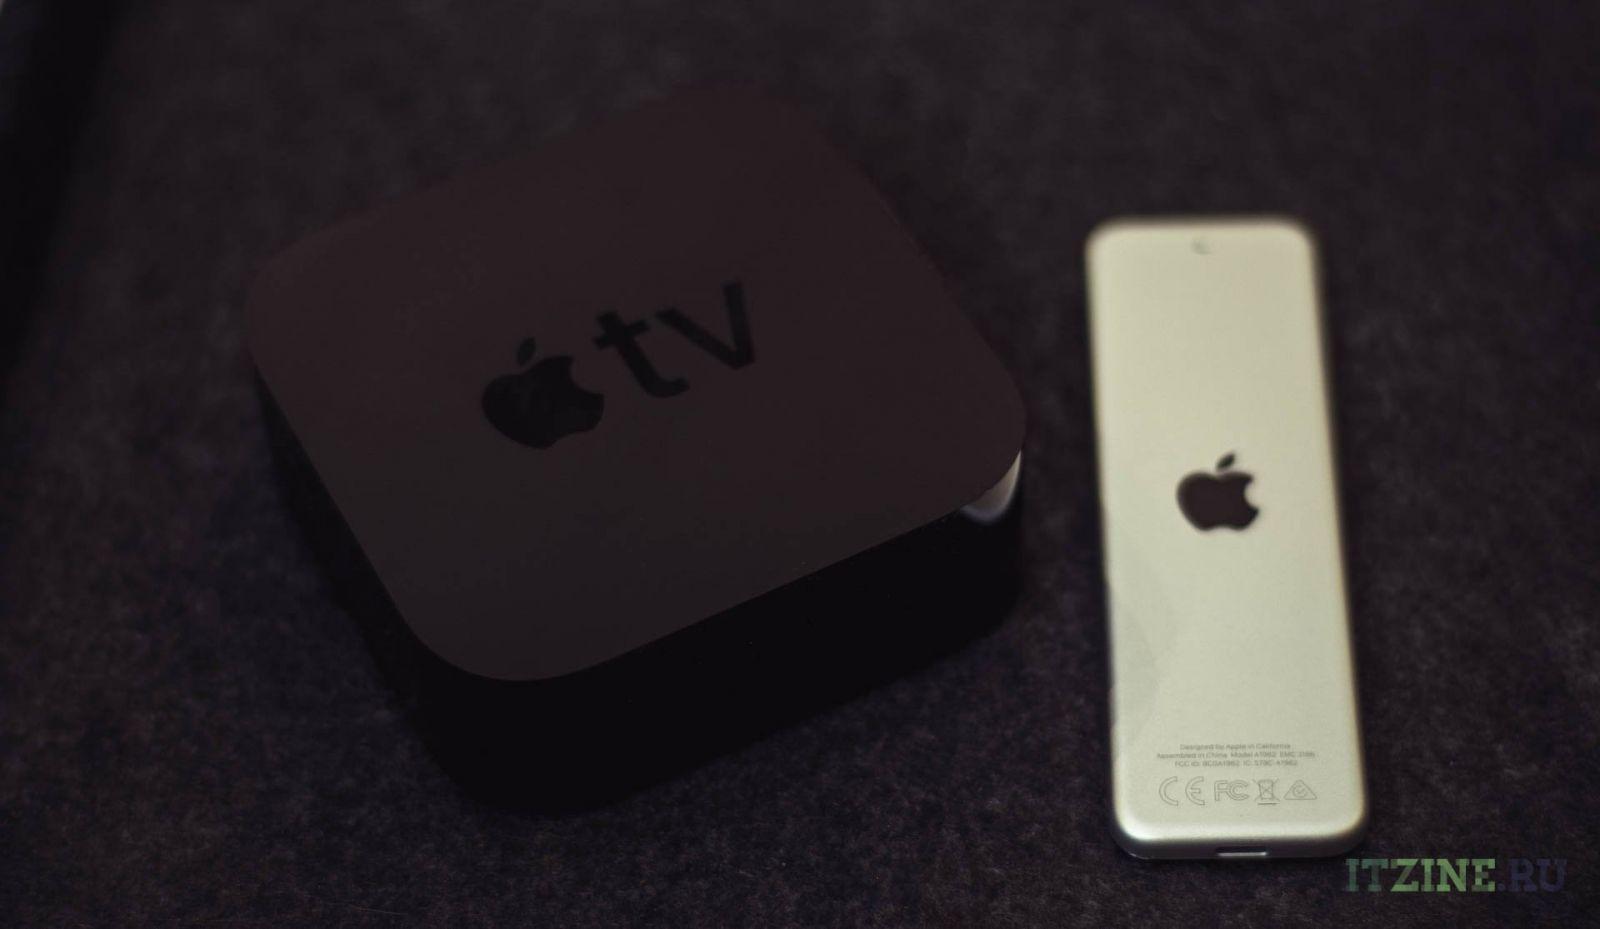 Обзор Apple TV 4K. Другие не нужны (dsc 8041 edit)